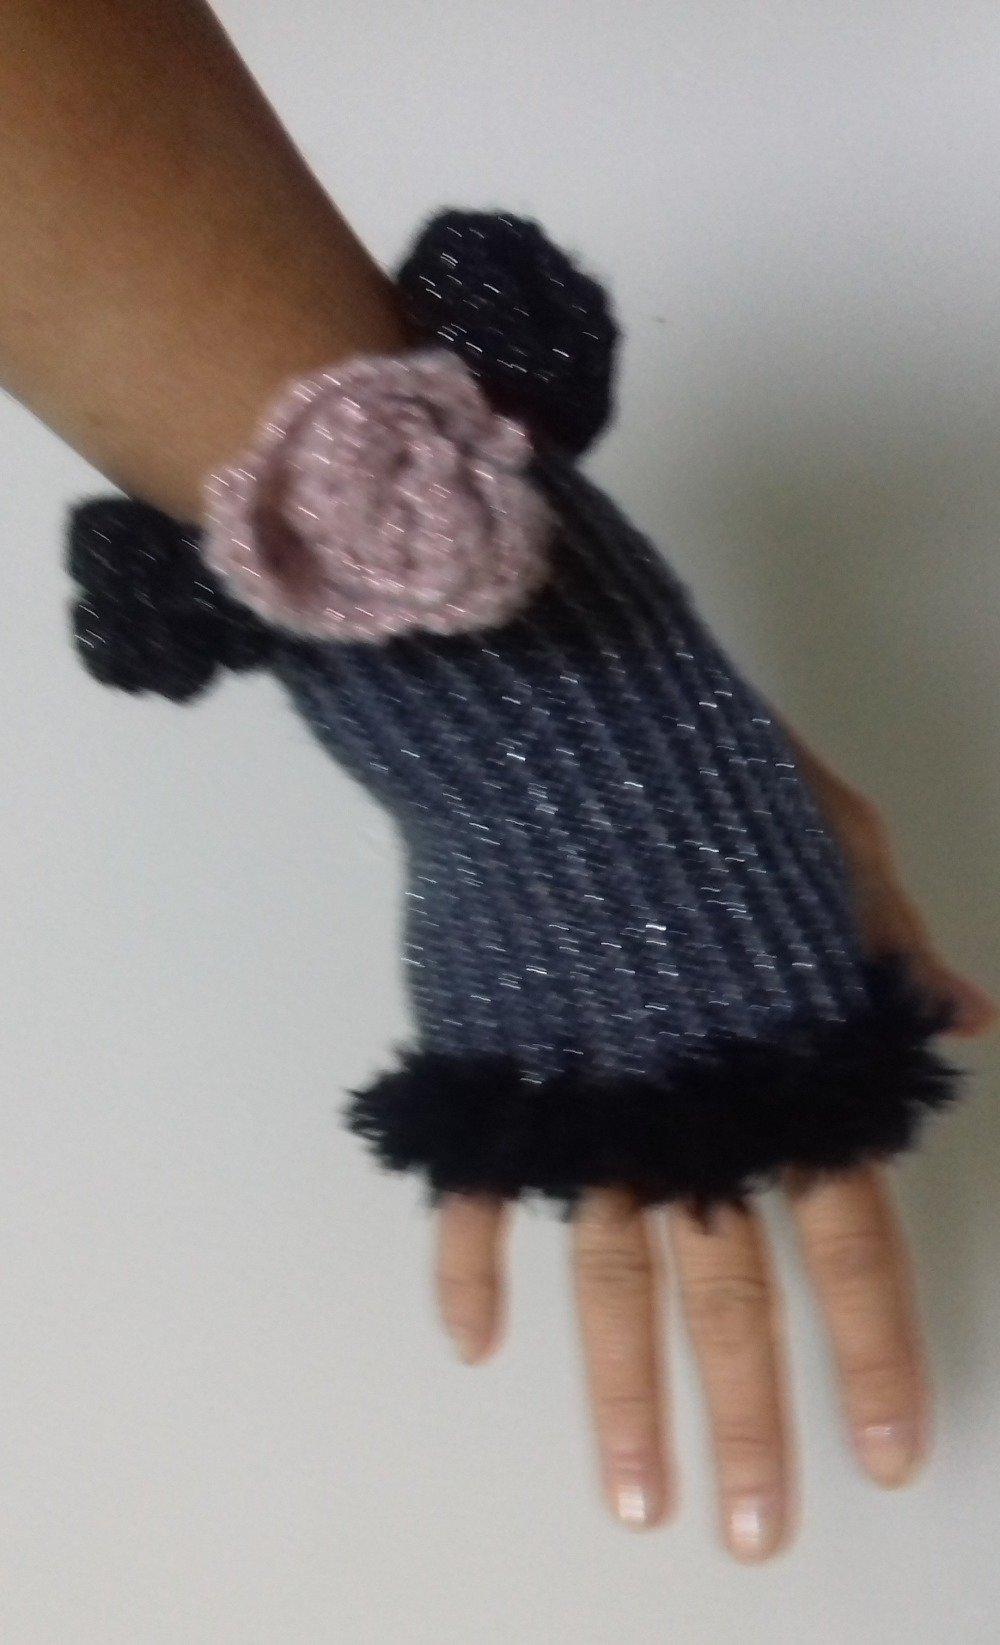 """Mitaines femme """"Rose d'un soir"""" grises argentées tricotées main bordées de fourrure noire et de roses au crochet"""